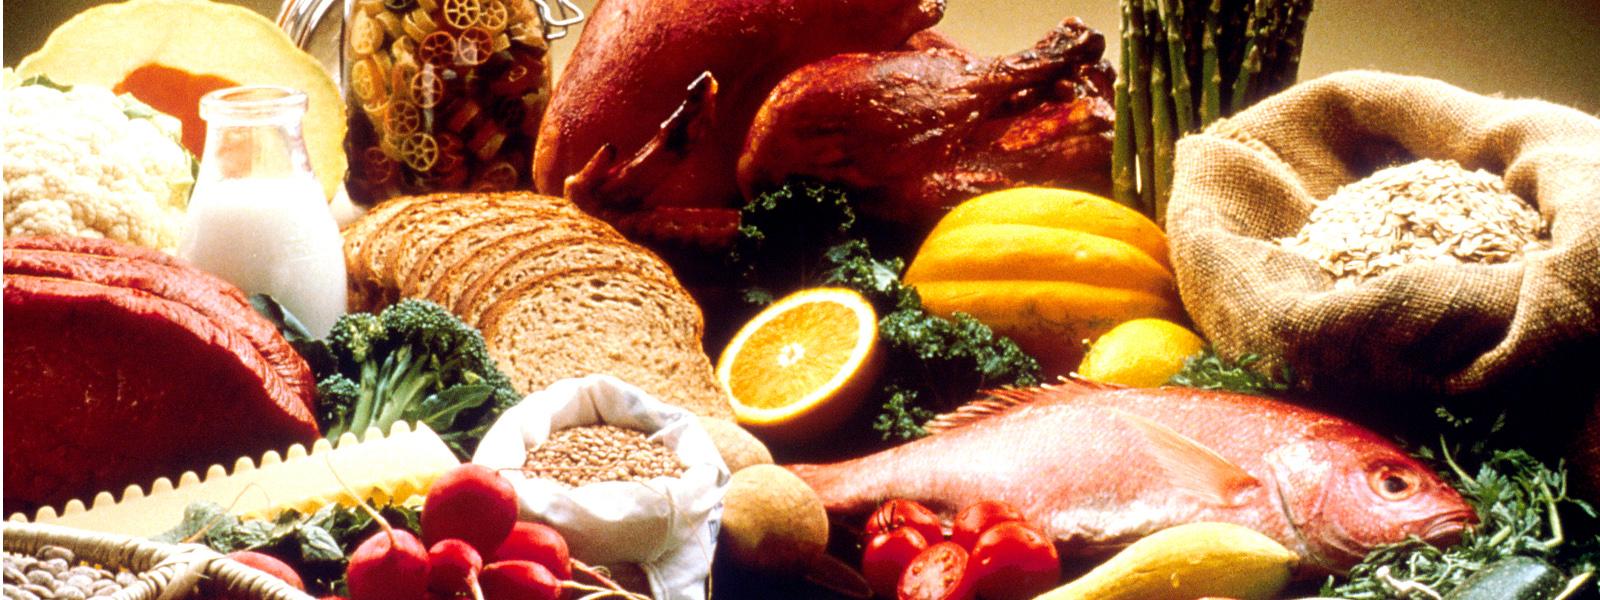 Hazte un Test de Intolerancia Alimentaria